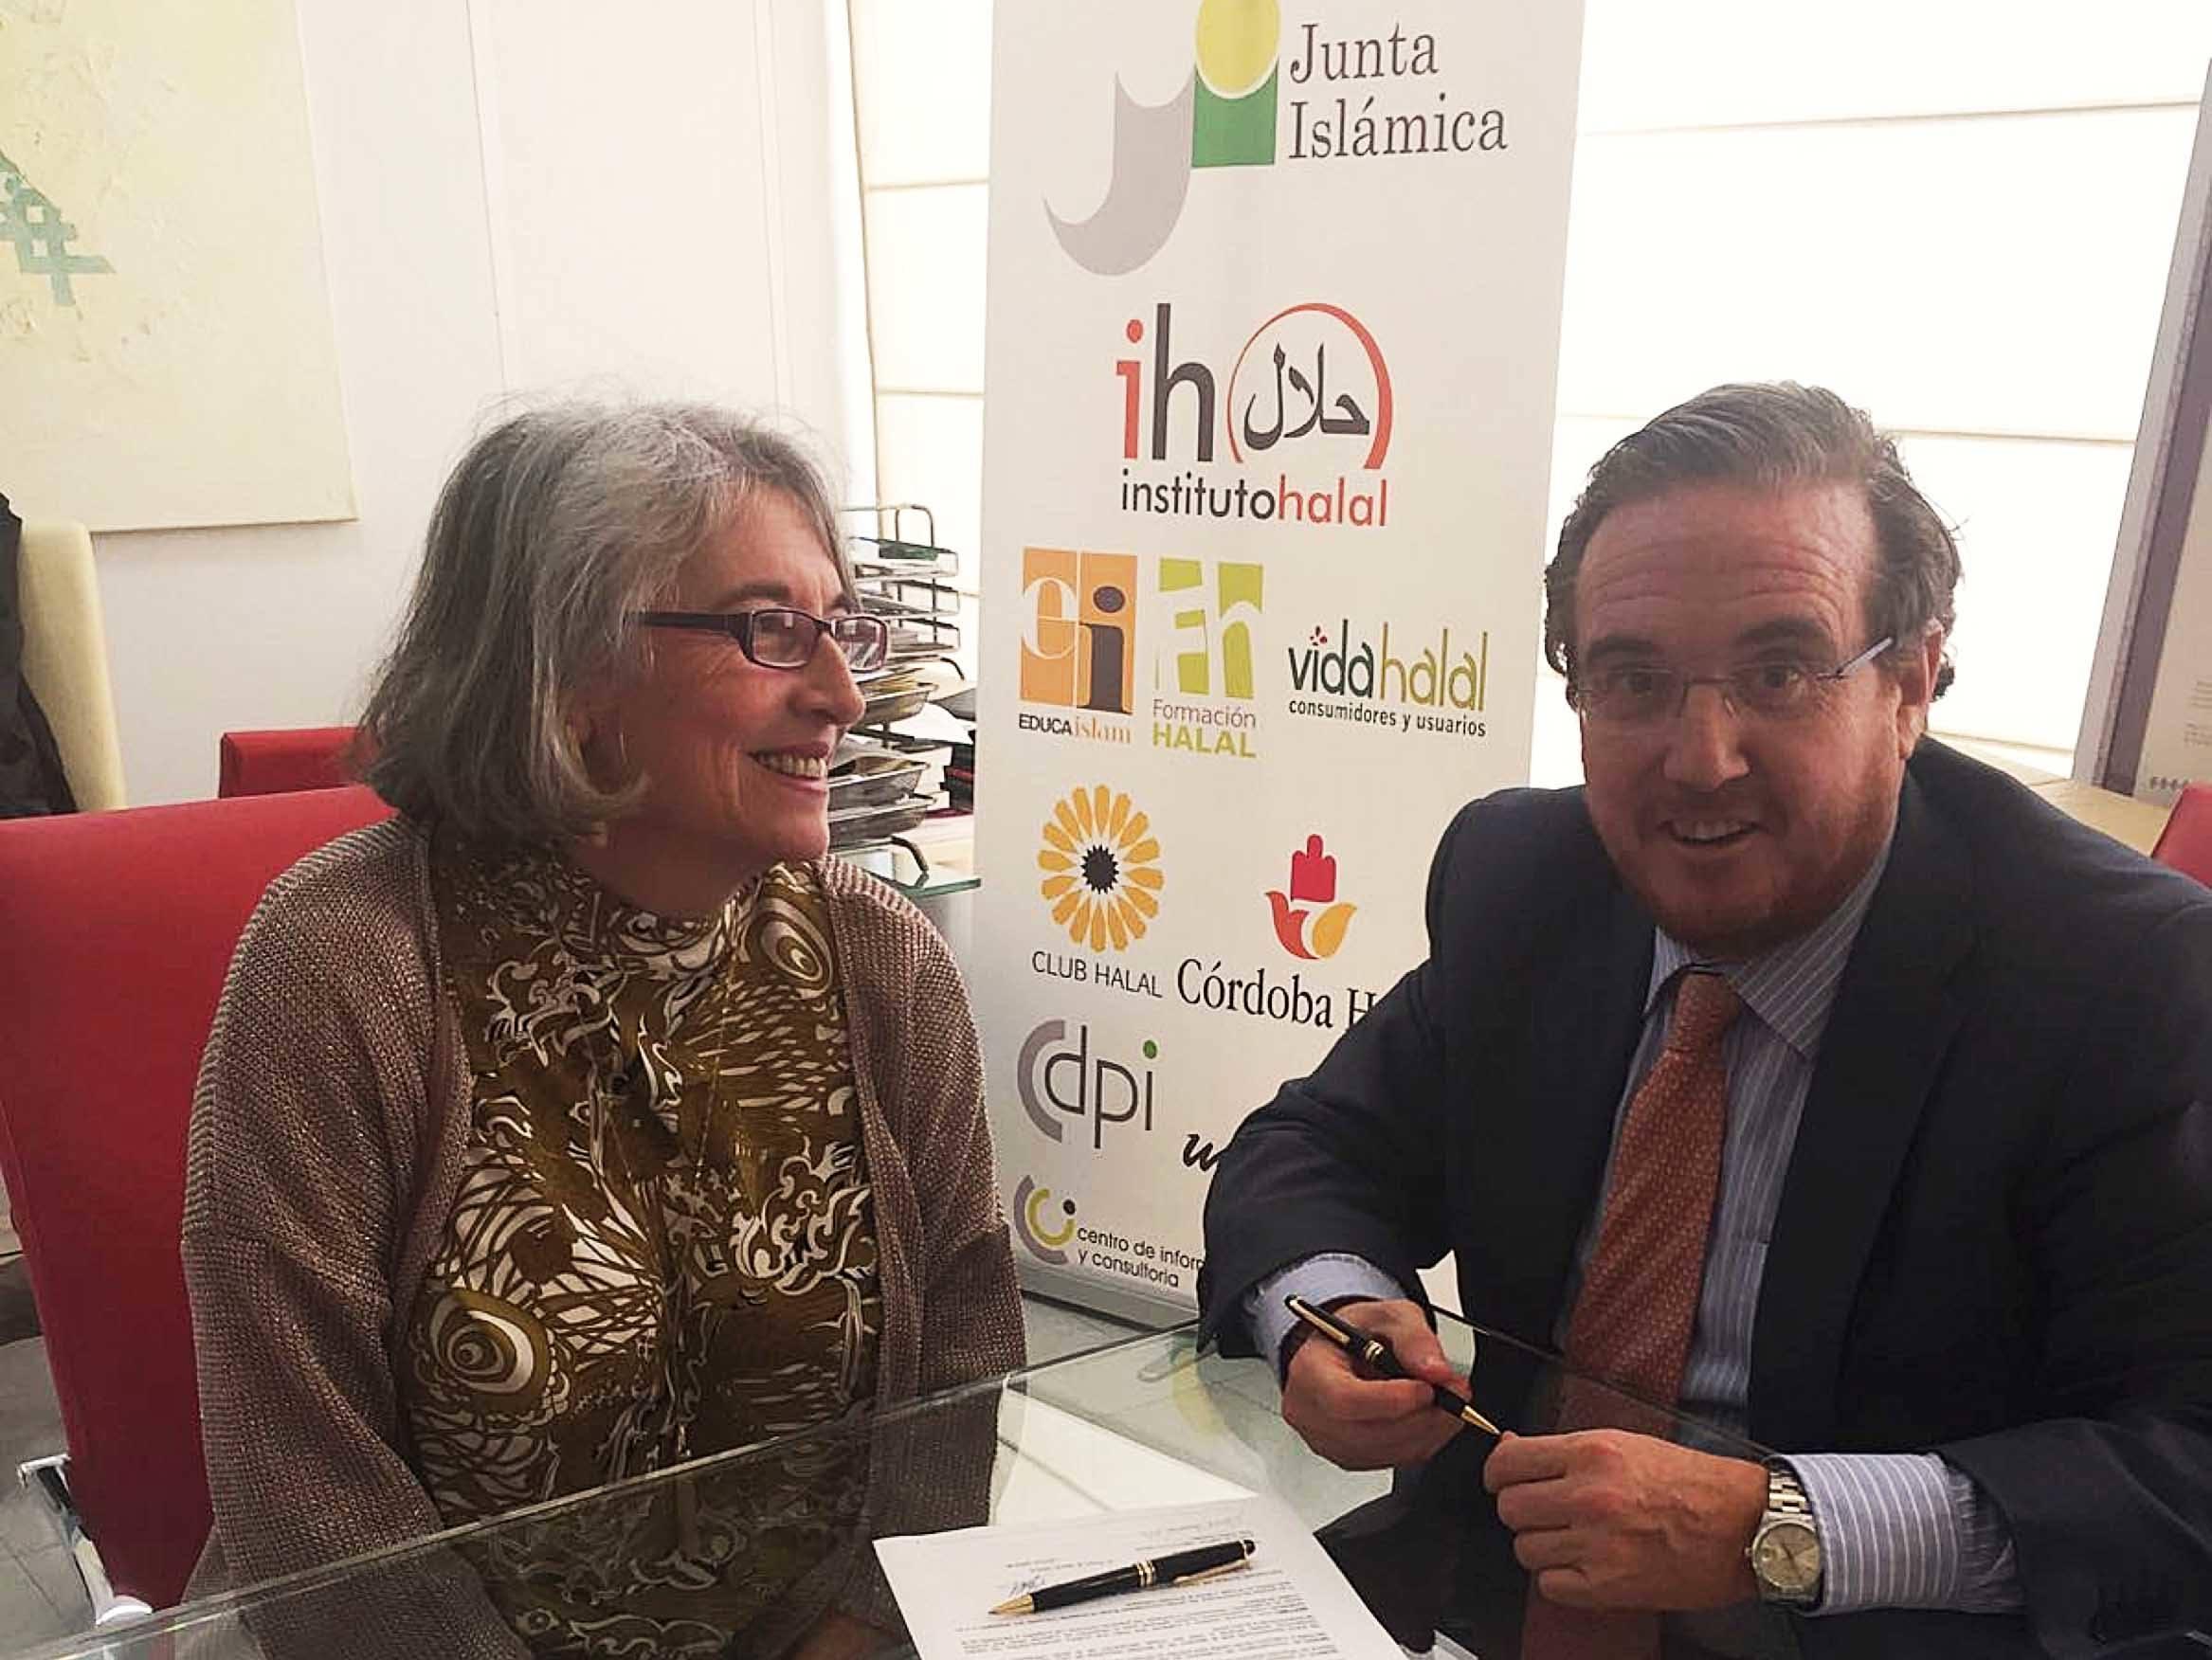 Isabel Romero, directora general del Instituto Halal, y Pedro Martín Molina, socio fundador de Leyco Group Corporate, en el momento de la firma.